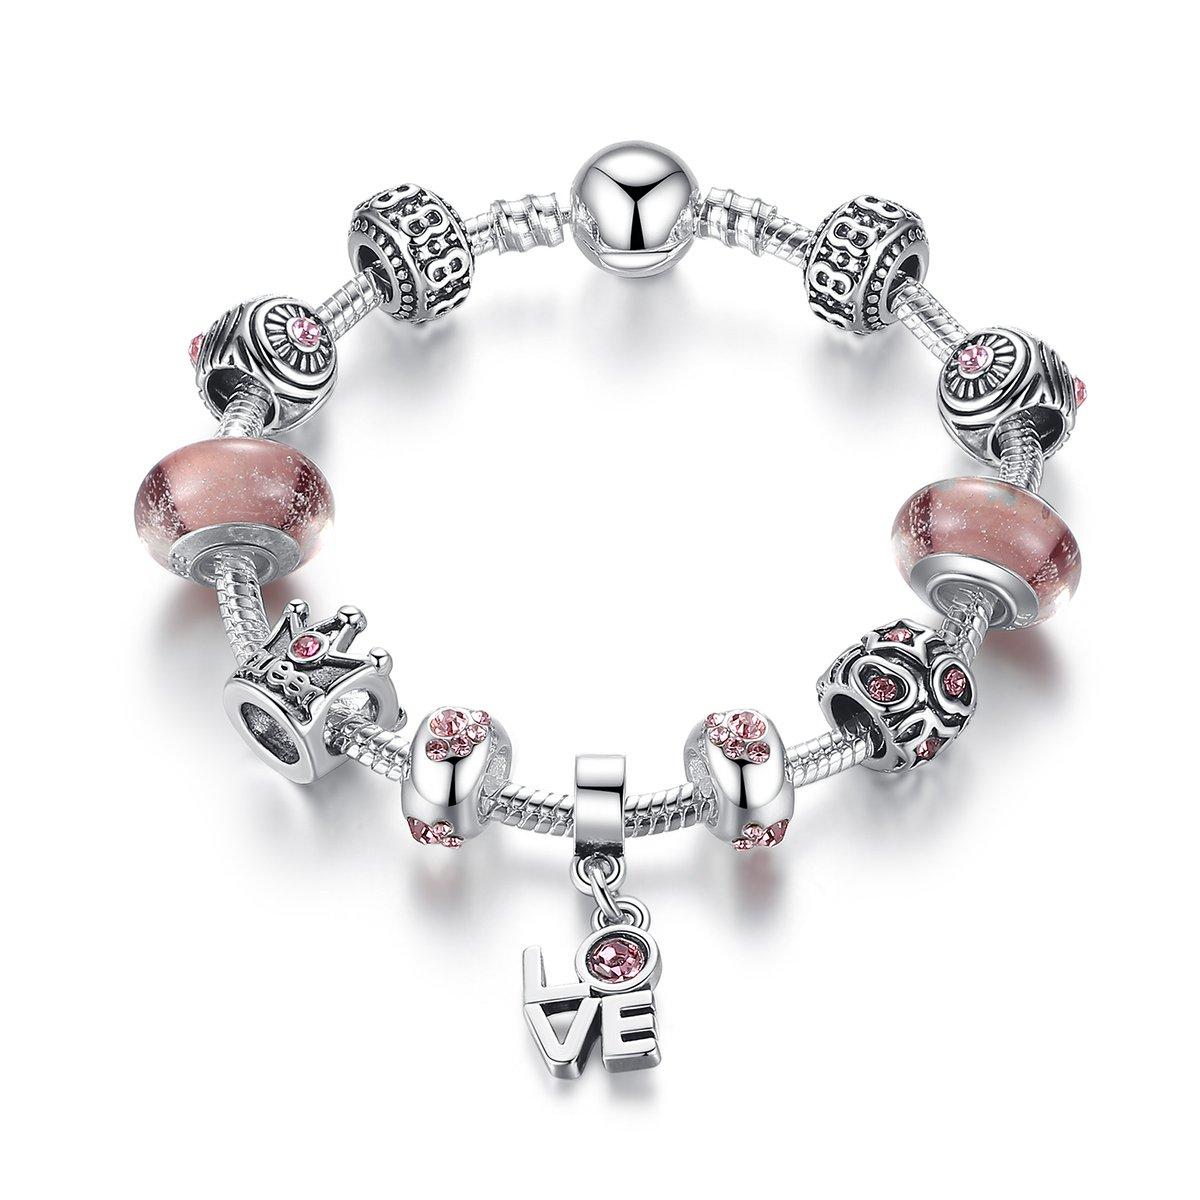 Morsun Reine Rose Bracelet Breloques Femme en Argent Plaqué Bijoux Fantaisie Cadeau de Noël 20cm(7.87')